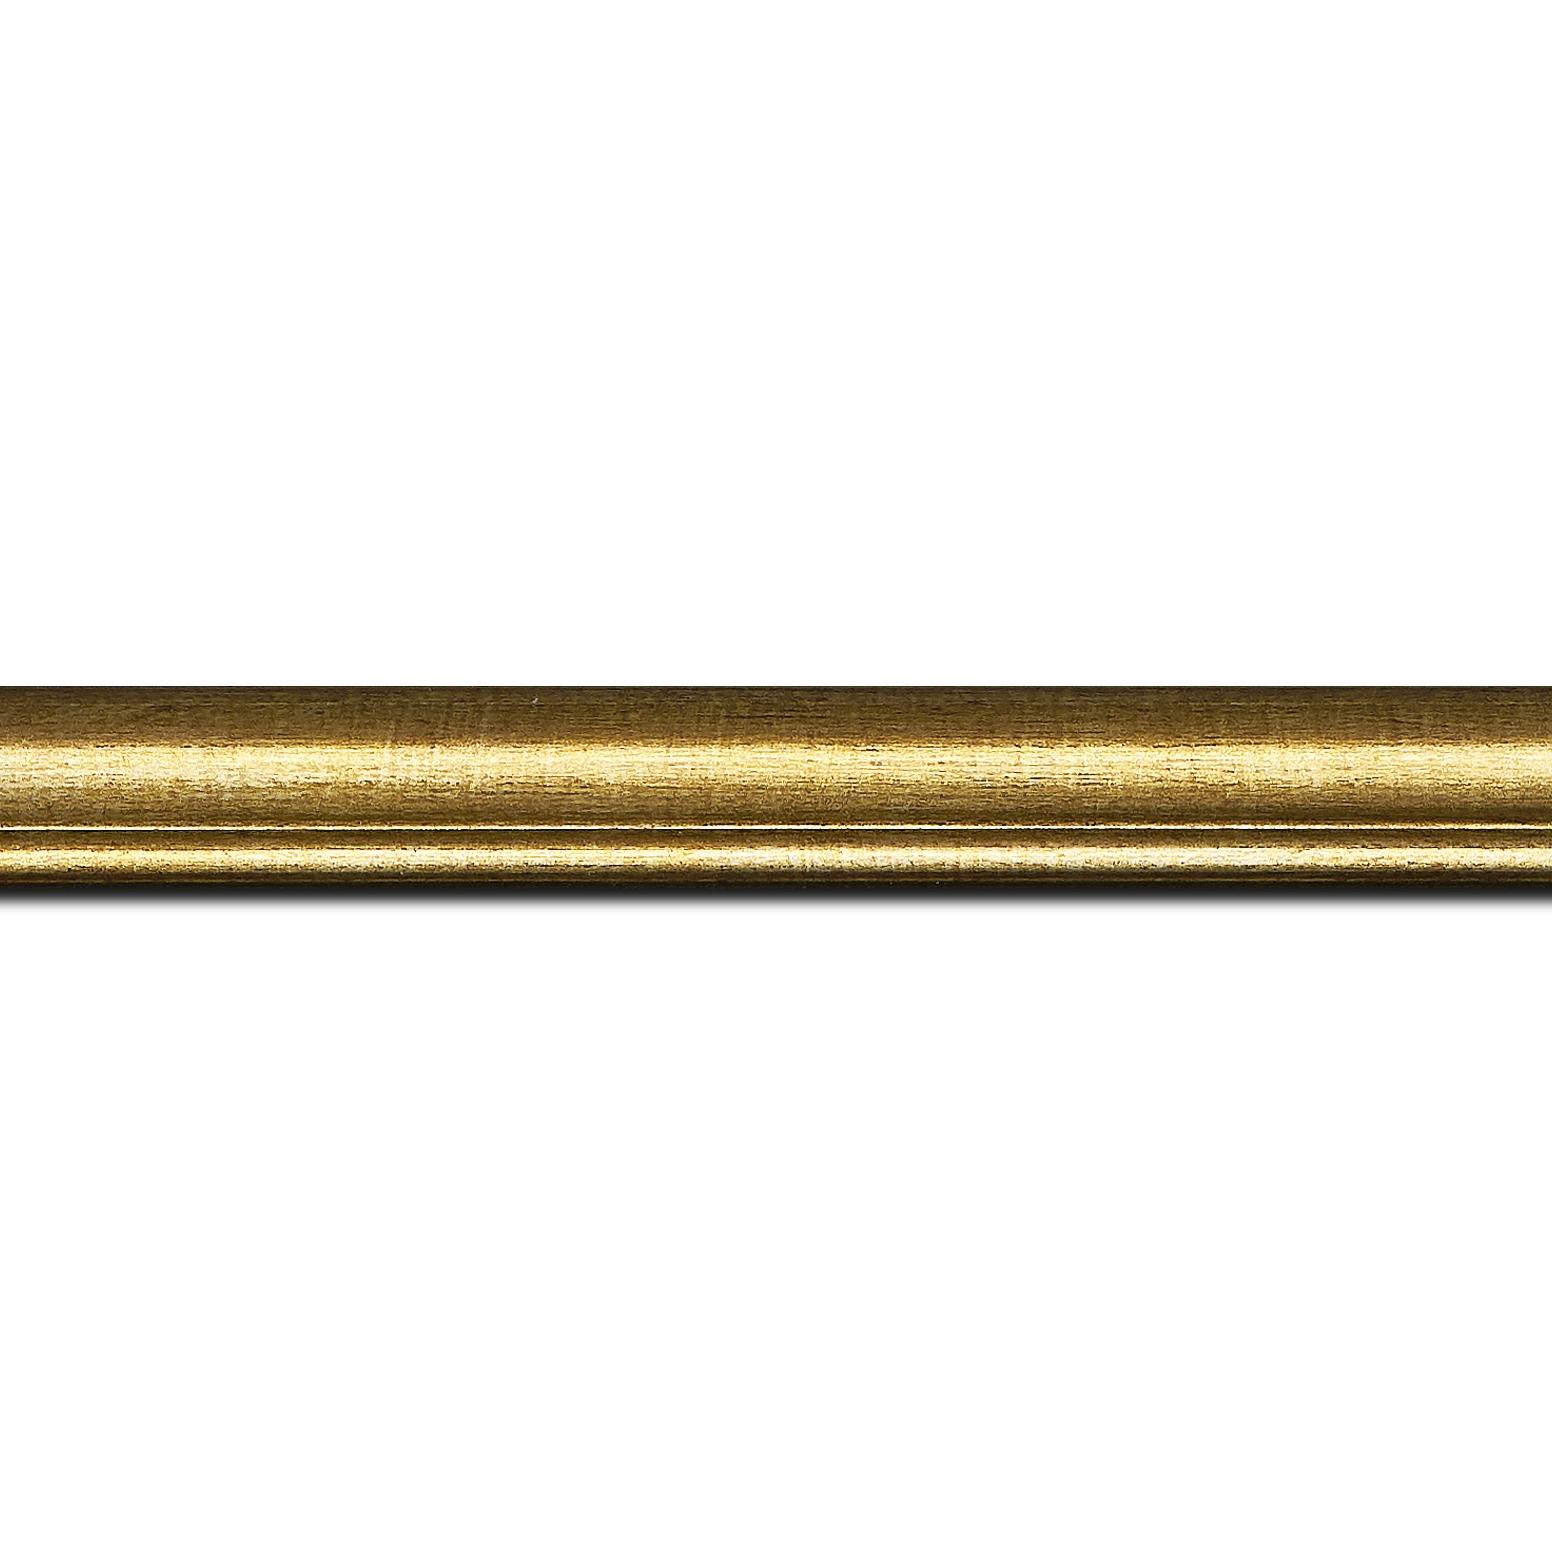 Baguette longueur 1.40m bois profil arrondi largeur 2.1cm couleur or filet or